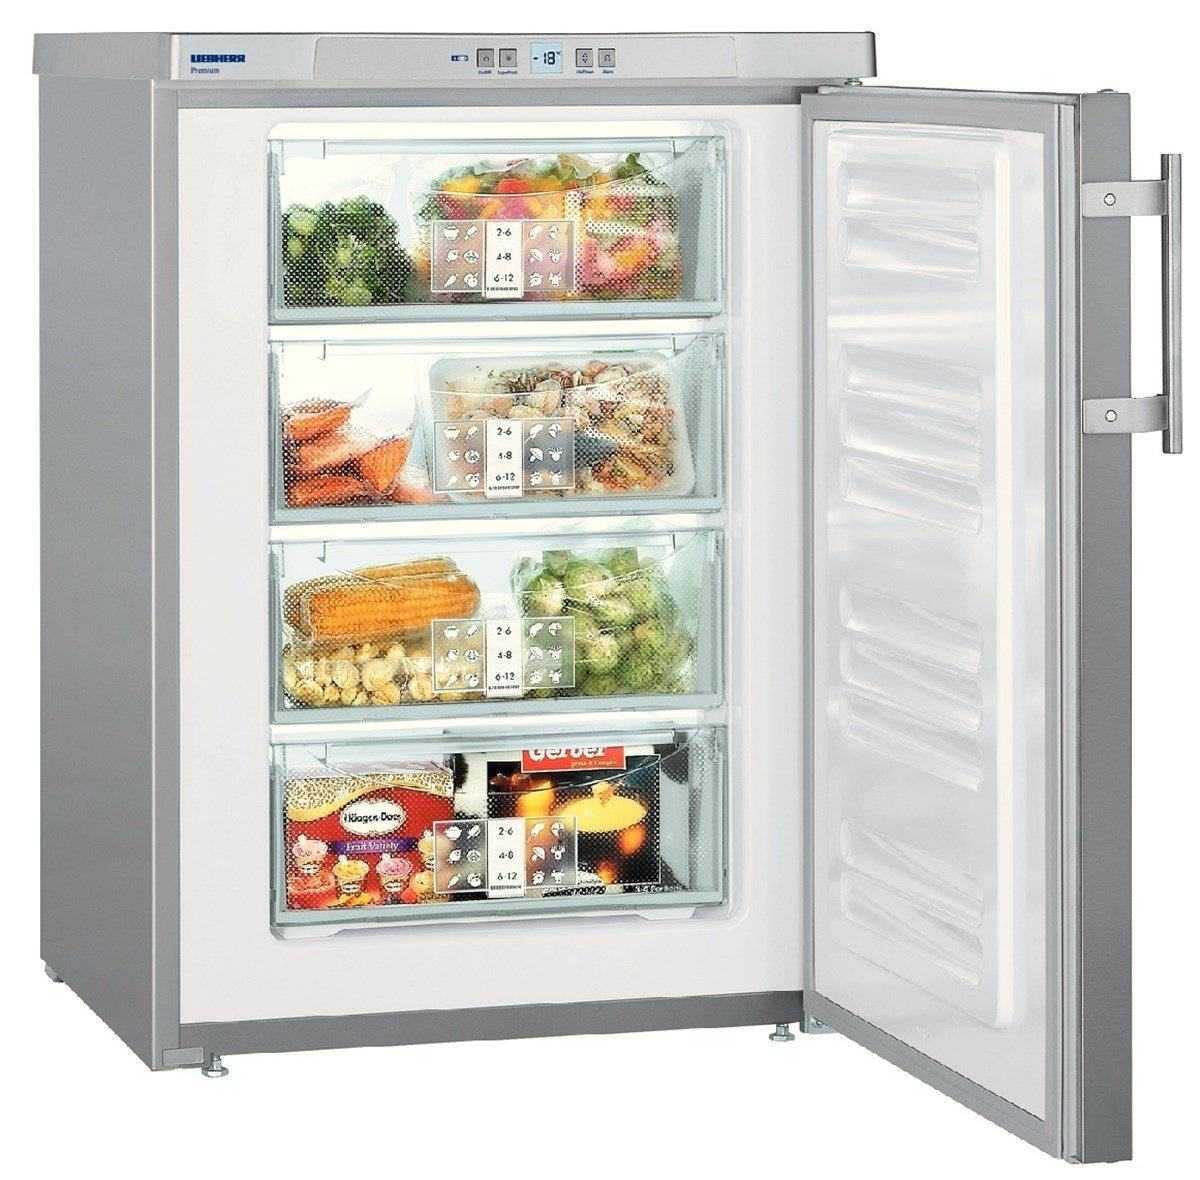 Как выбрать холодильник для дома и какая марка лучше, рейтинг, отзывы